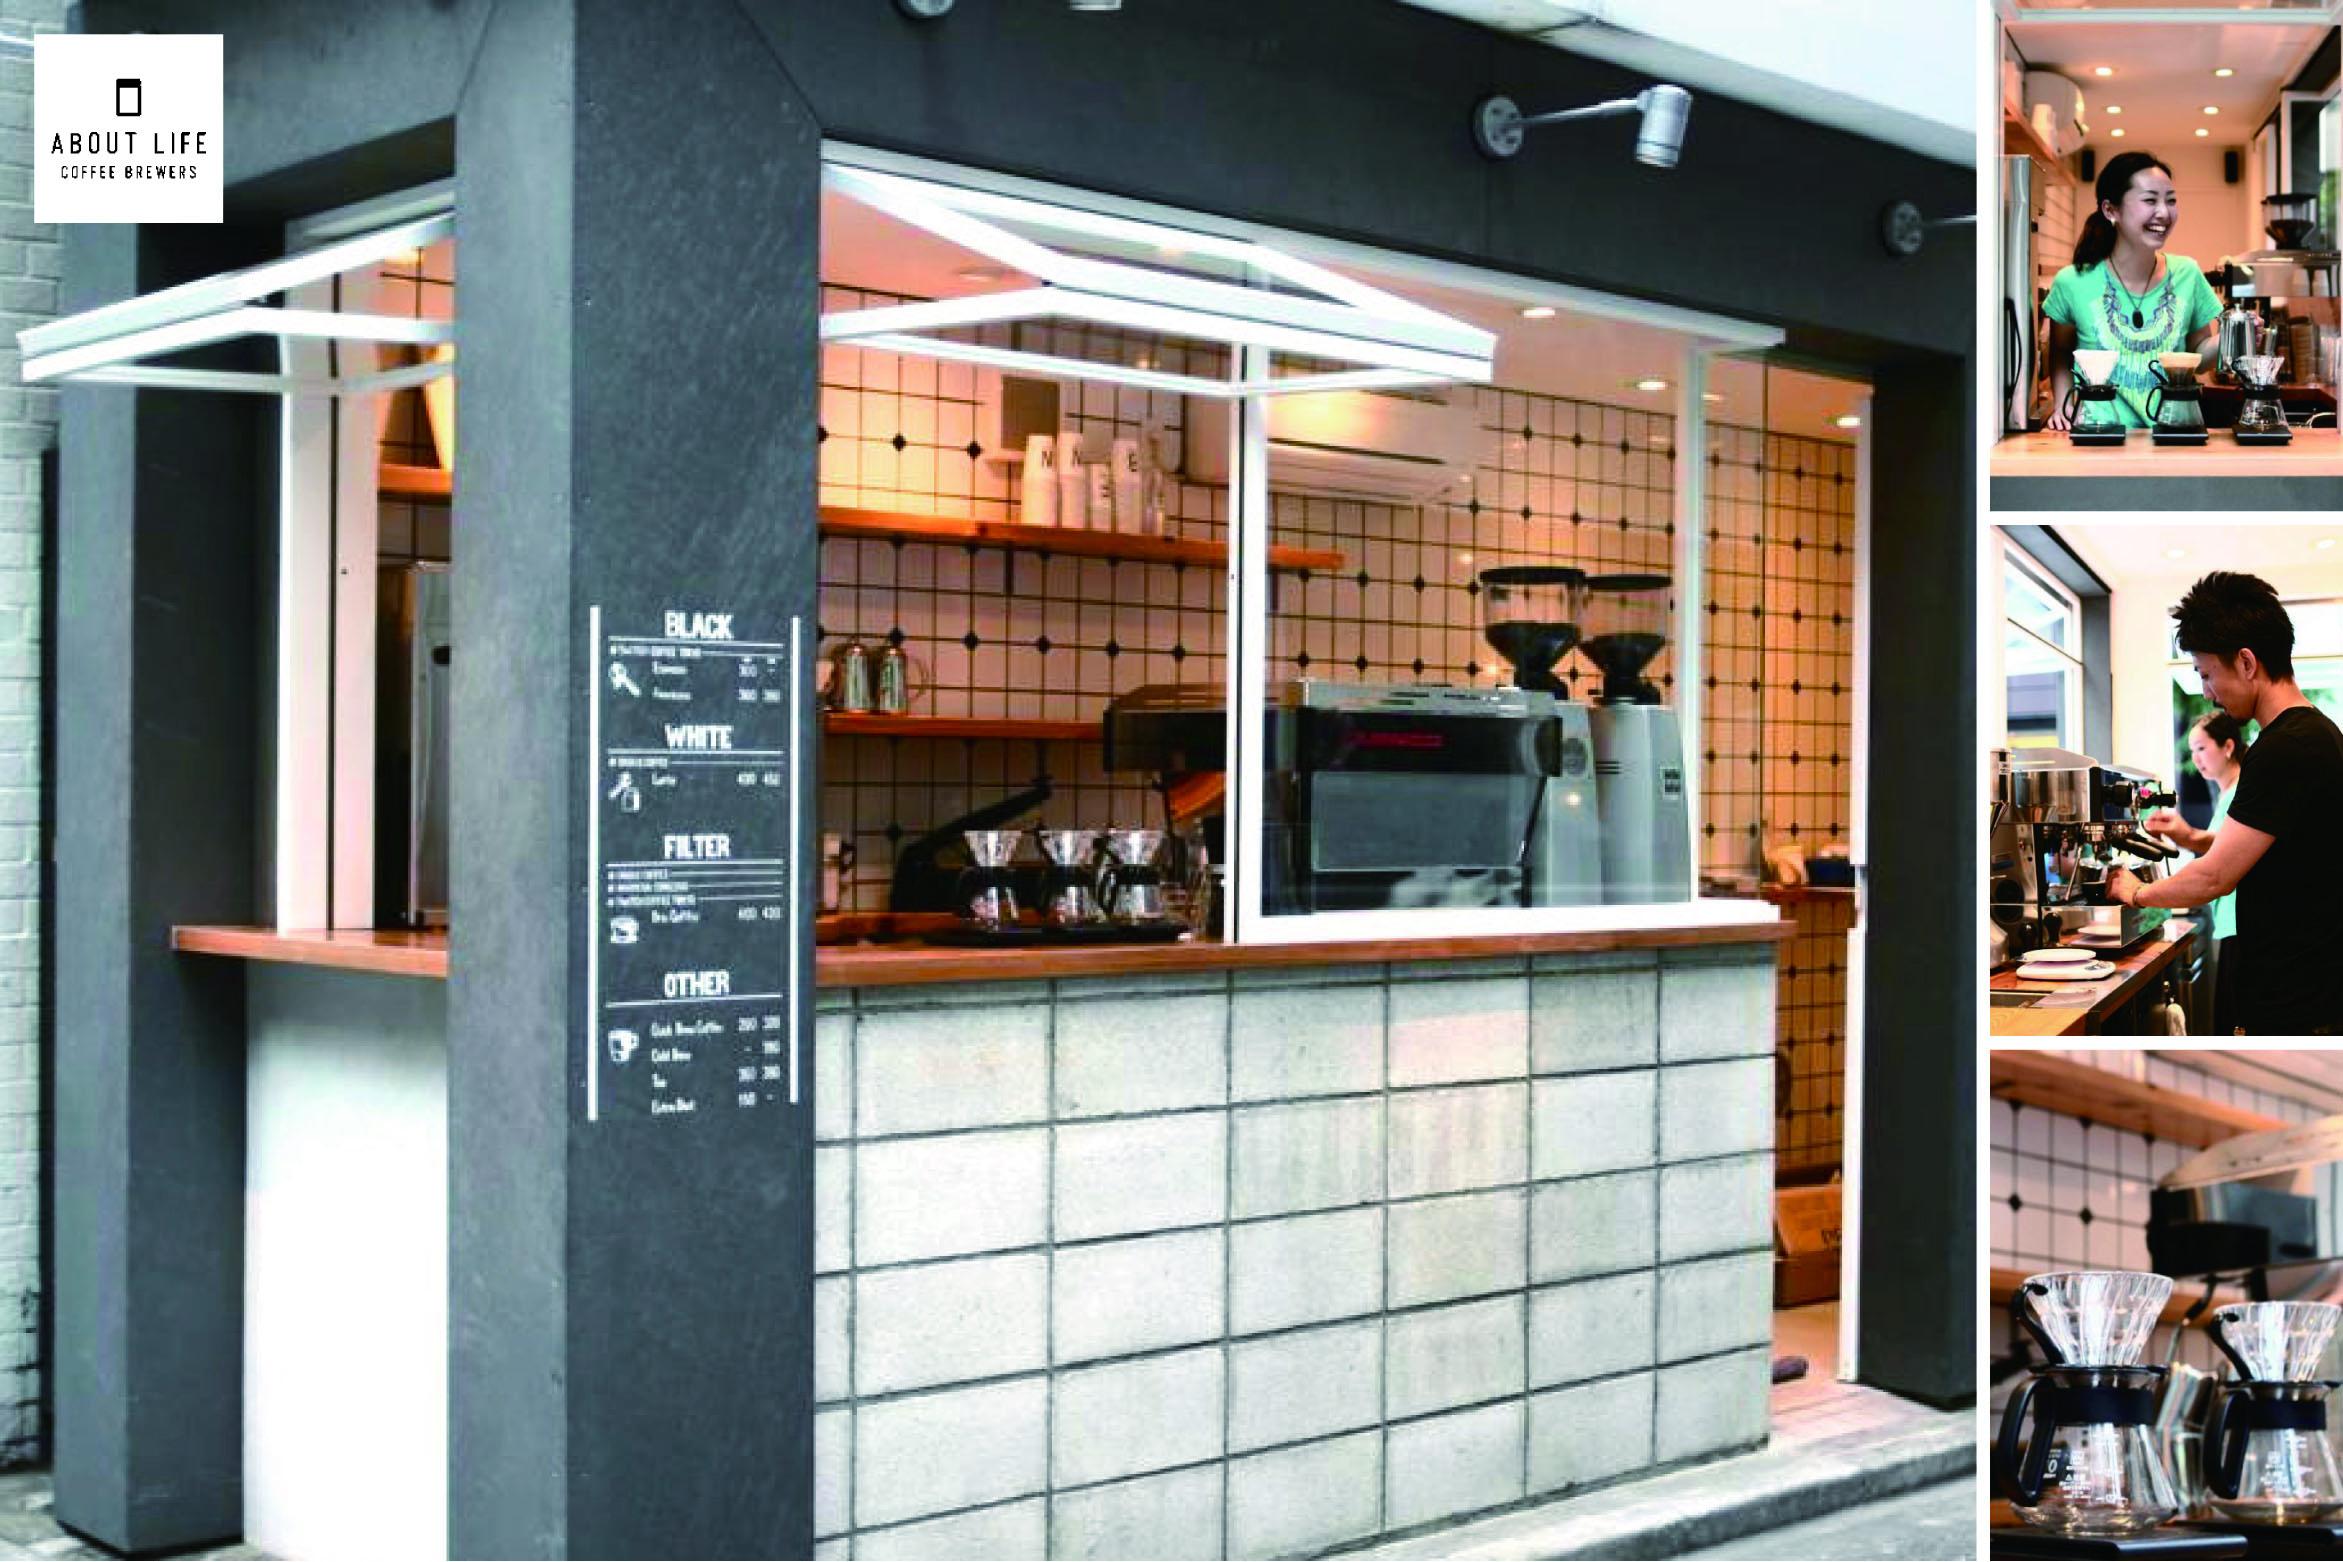 都内初のサードウェーブコーヒーのセレクトショップ 「ABOUT LIFE COFFEE BREWERS」が渋谷にオープン。